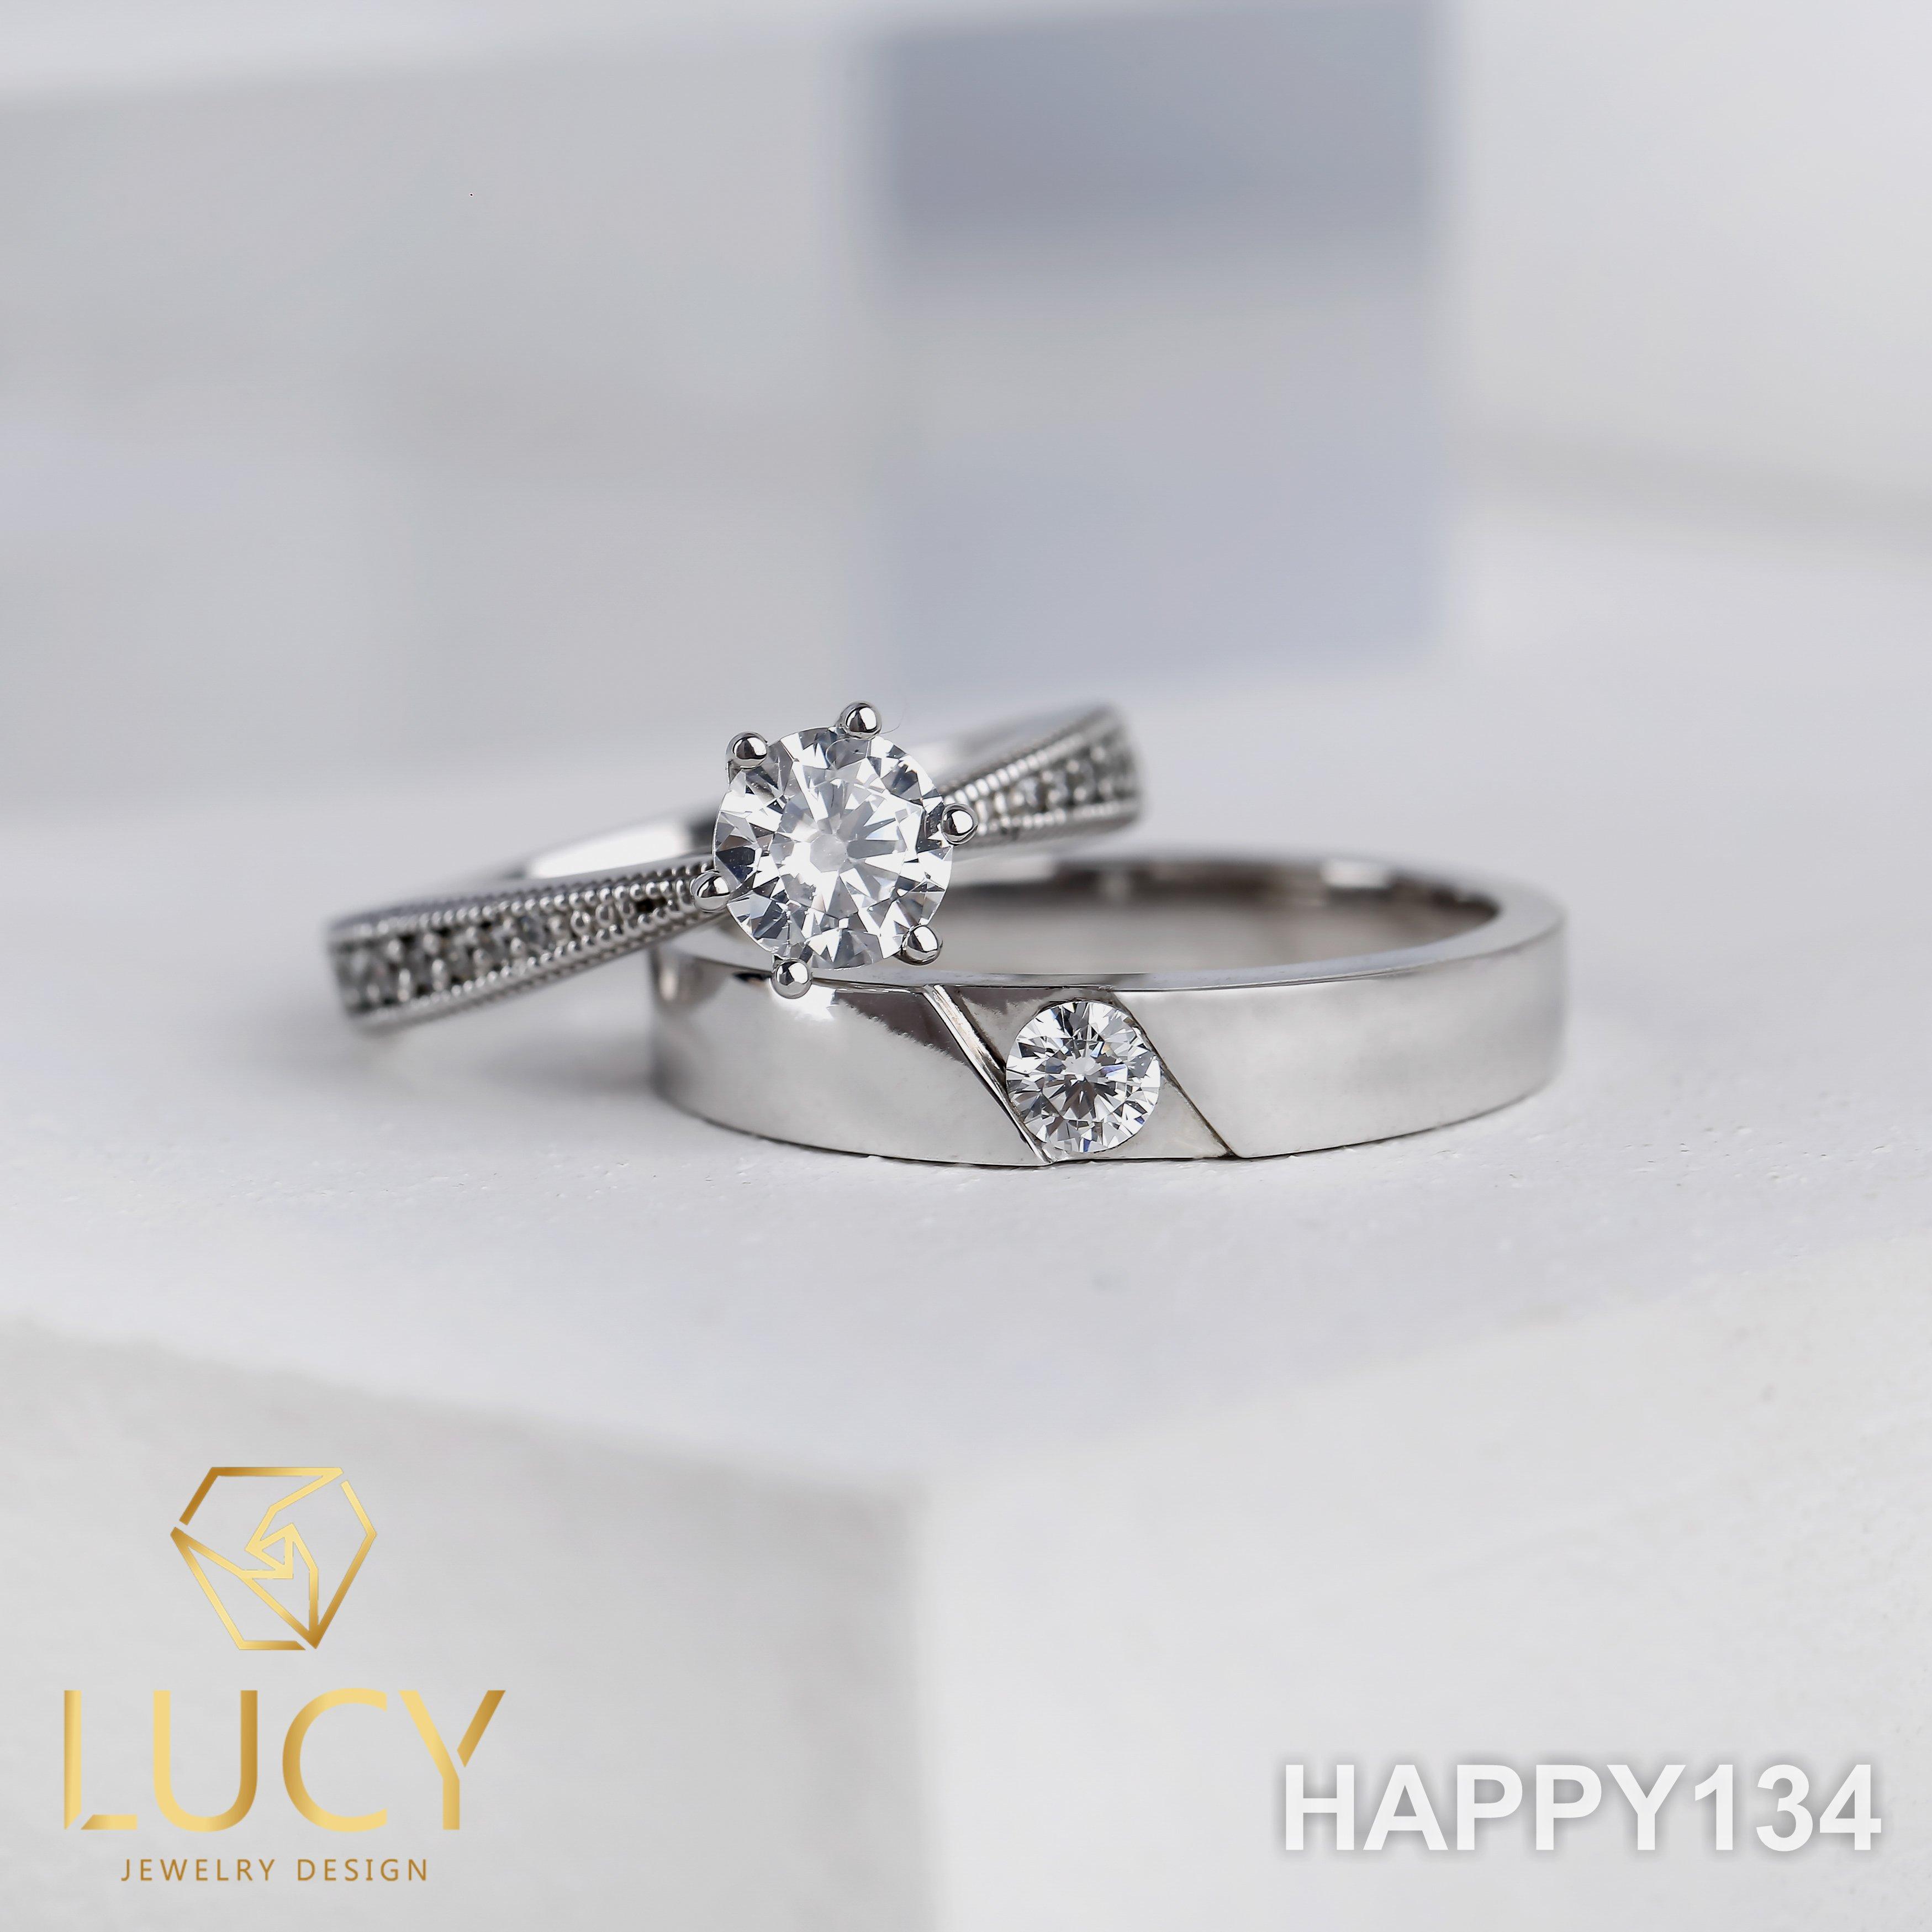 HAPPY134 Nhẫn cưới đẹp vàng tây, vàng trắng, vàng hồng 10k 14k 18k, Bạch Kim Platinum PT900 đính CZ, Moissanite, Kim cương - Lucy Jewelry